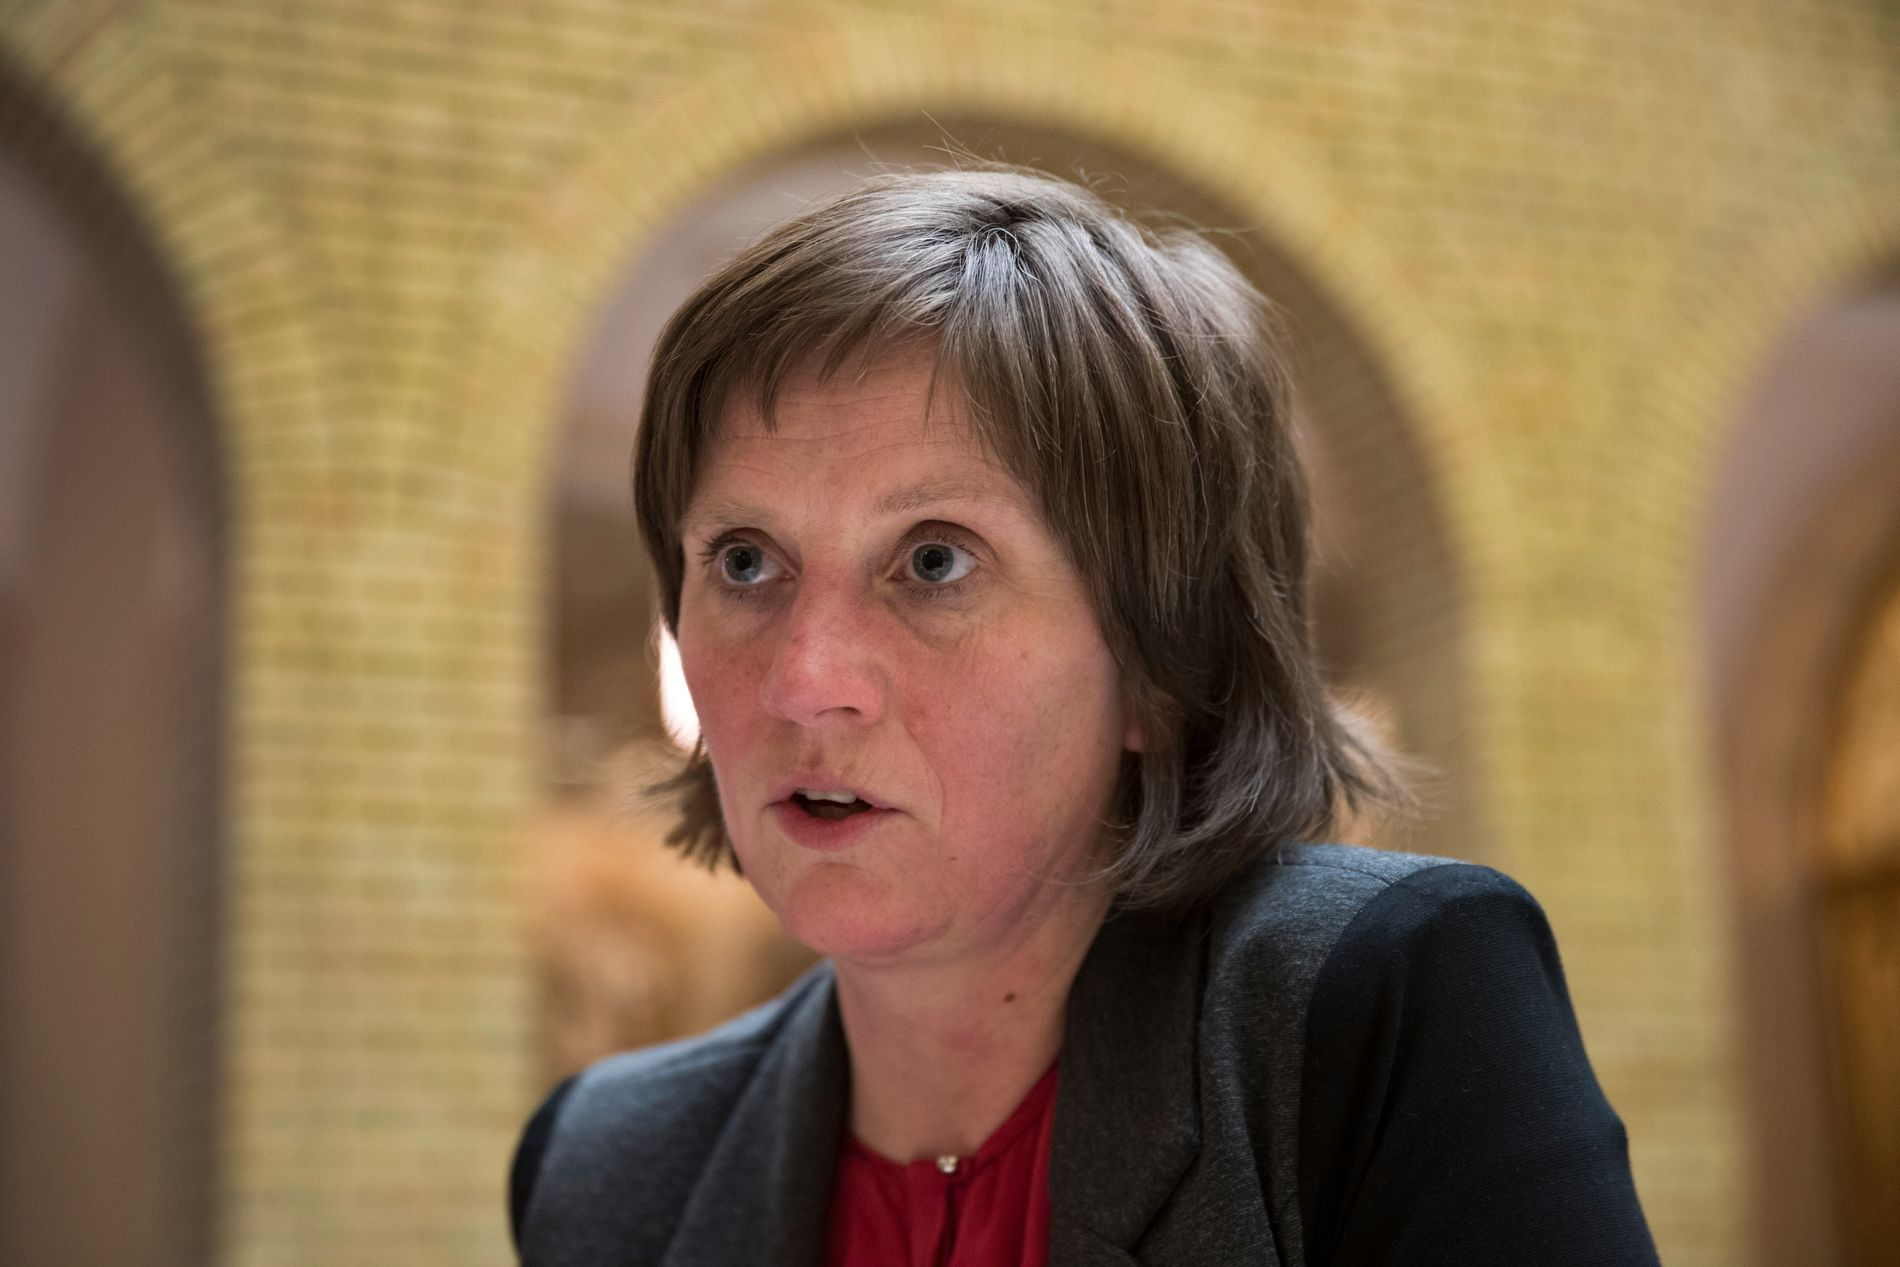 FLOTT MED FLYTTING: Kjersti Toppe (Sp) mener Kristin Halvorsen og Bioteknologirådet driver med småsutring når de motsetter seg utflytting fra Oslo.